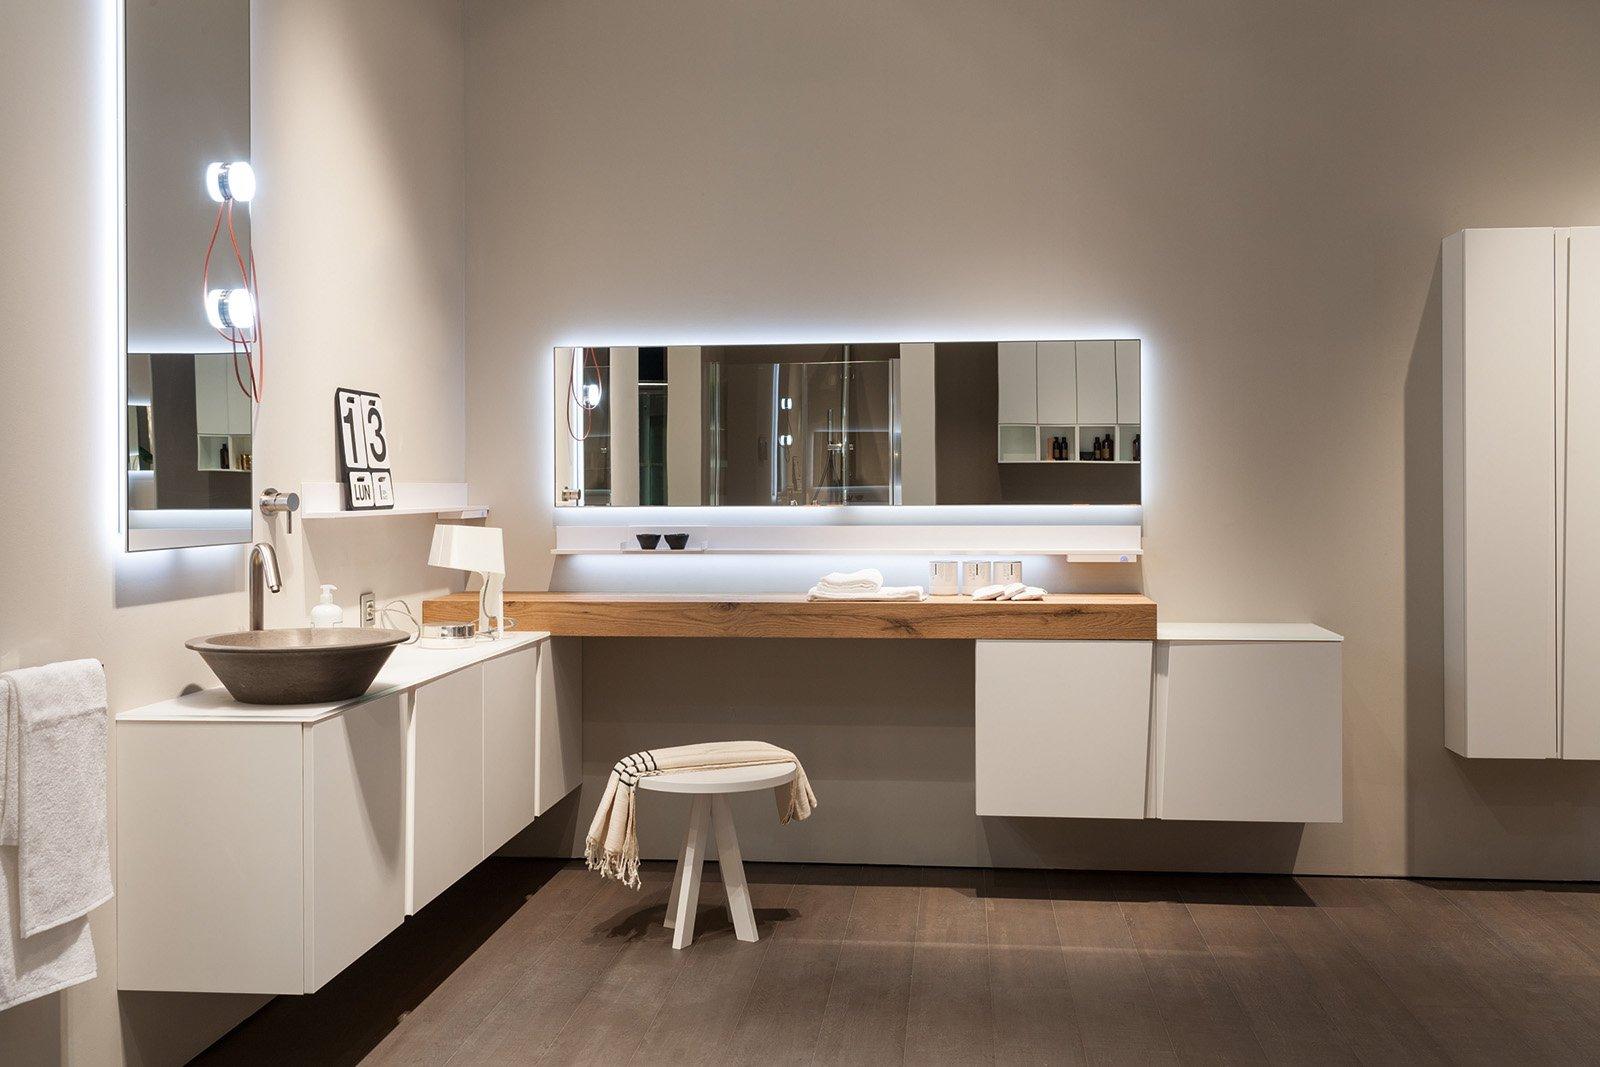 Specchi per il bagno cose di casa - Idee specchi per bagno ...